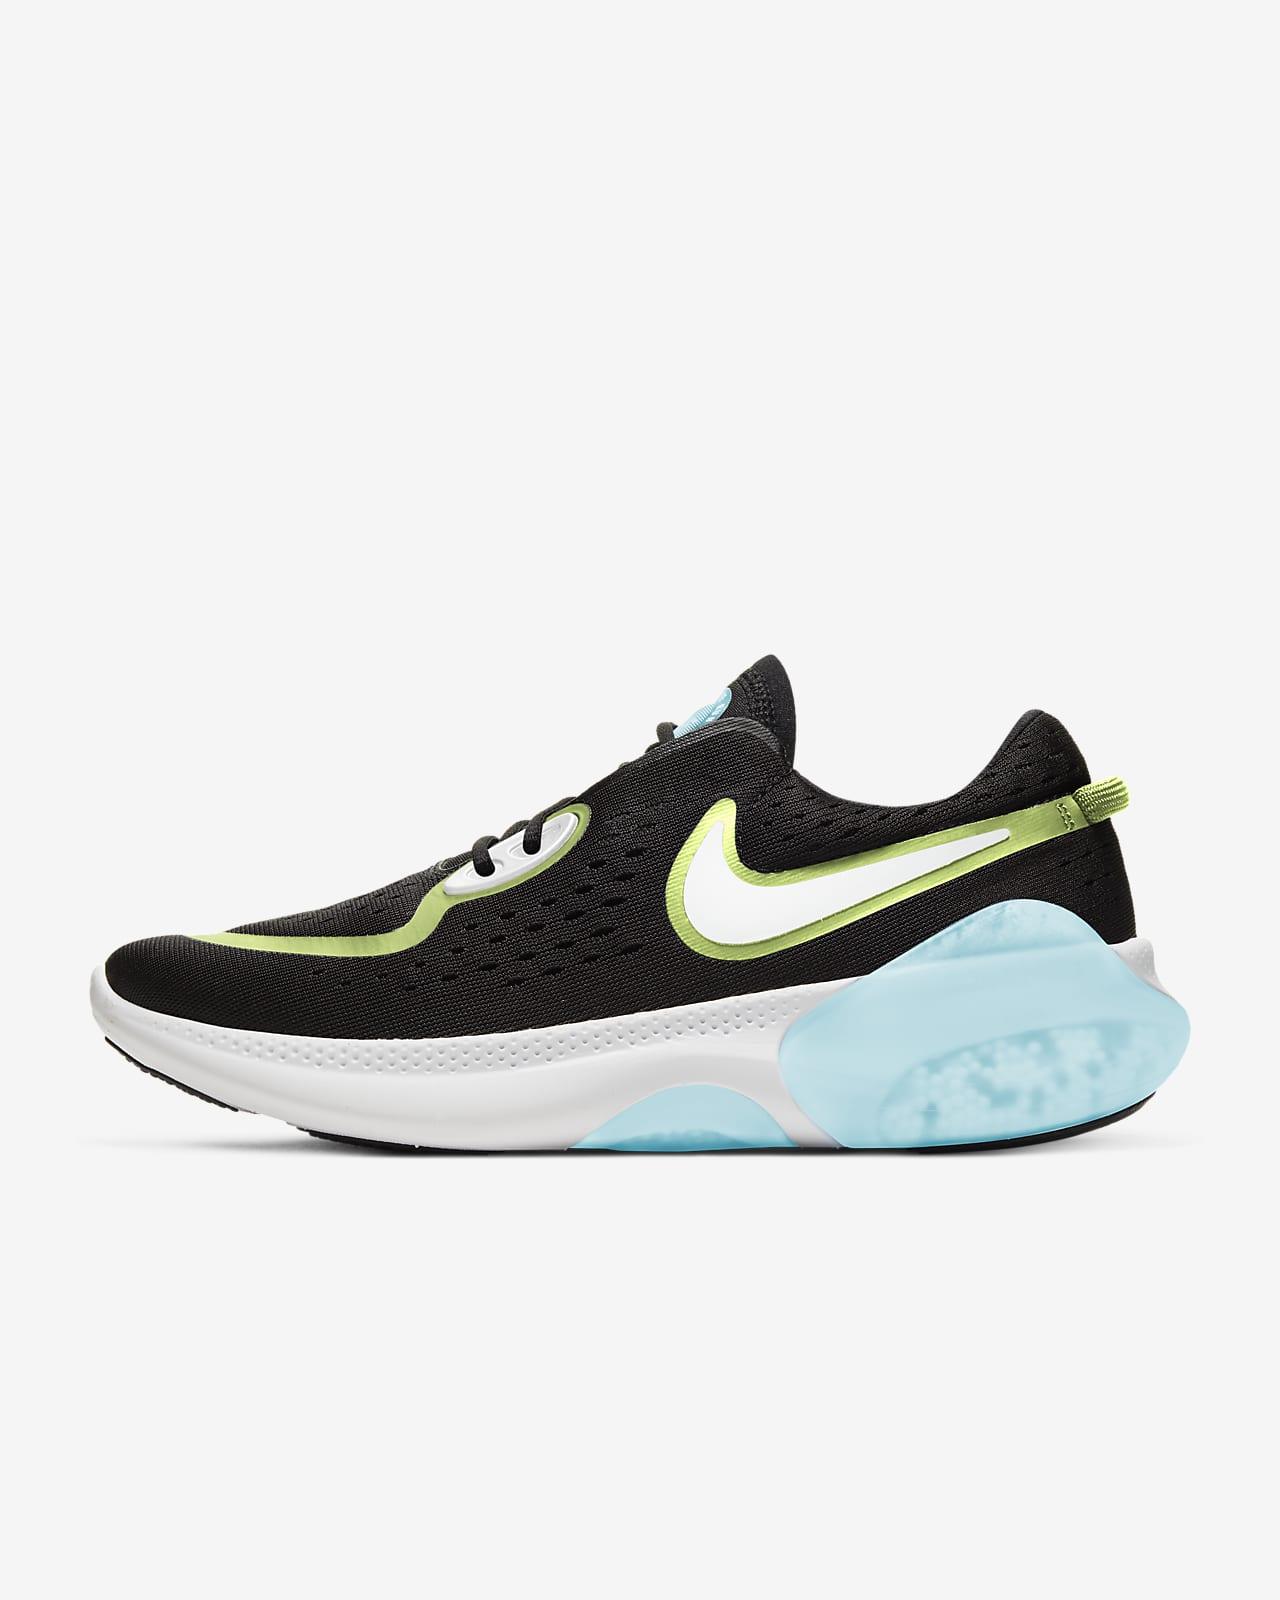 รองเท้าวิ่งผู้หญิง Nike Joyride Dual Run